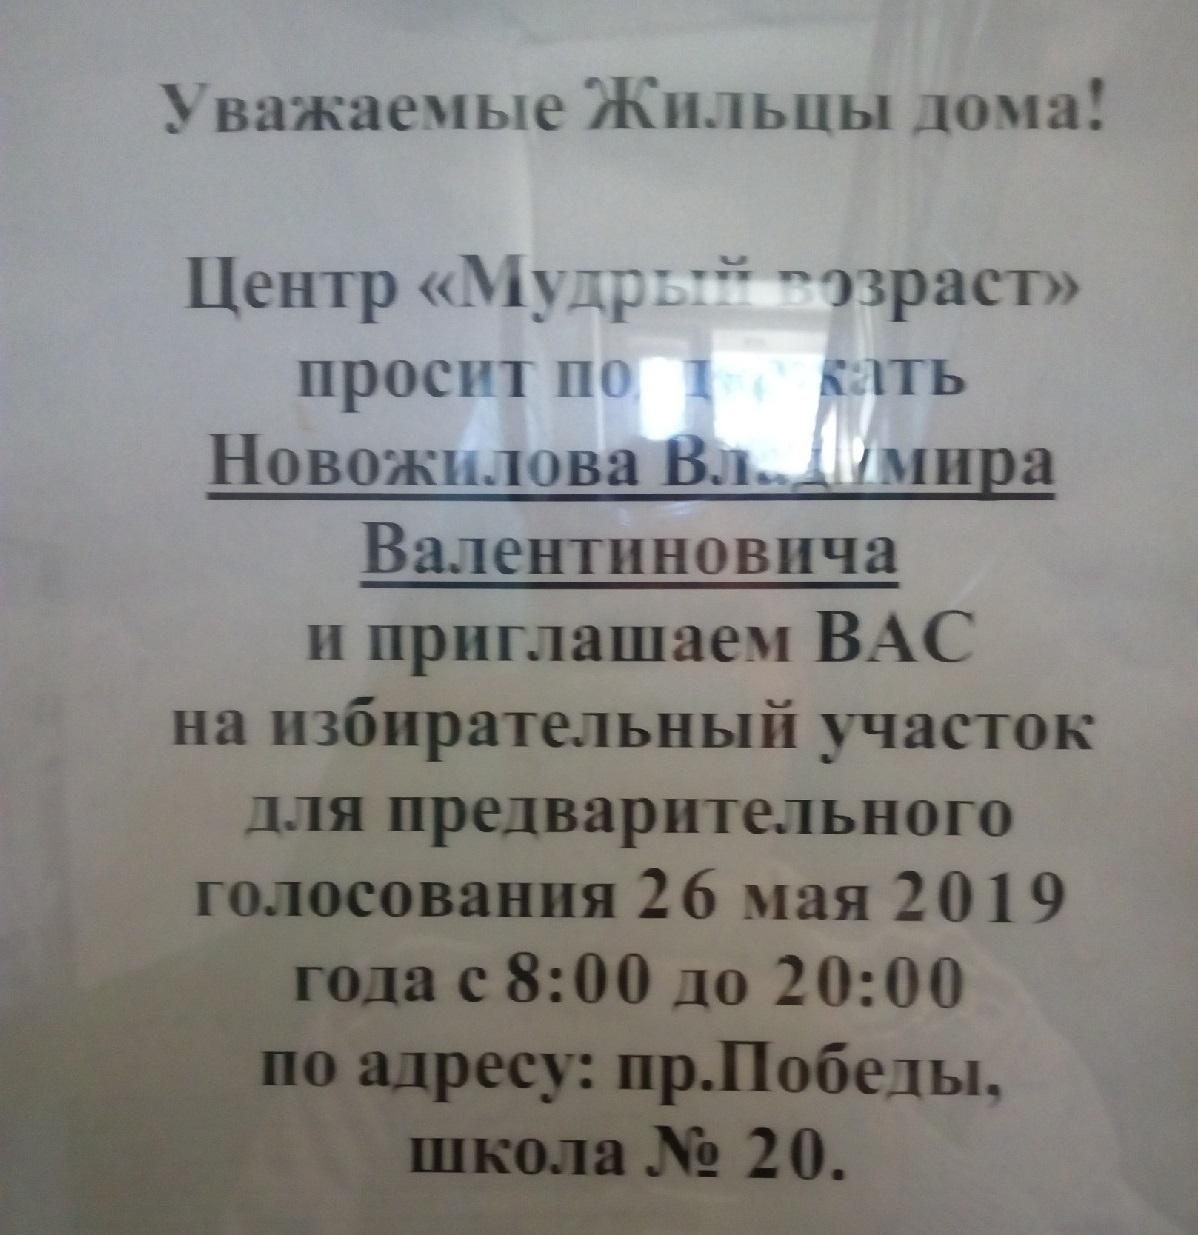 """Пирожки по пять рублей и бесплатная рассада: как вологжан пытаются завлечь на праймериз """"Единой России"""""""